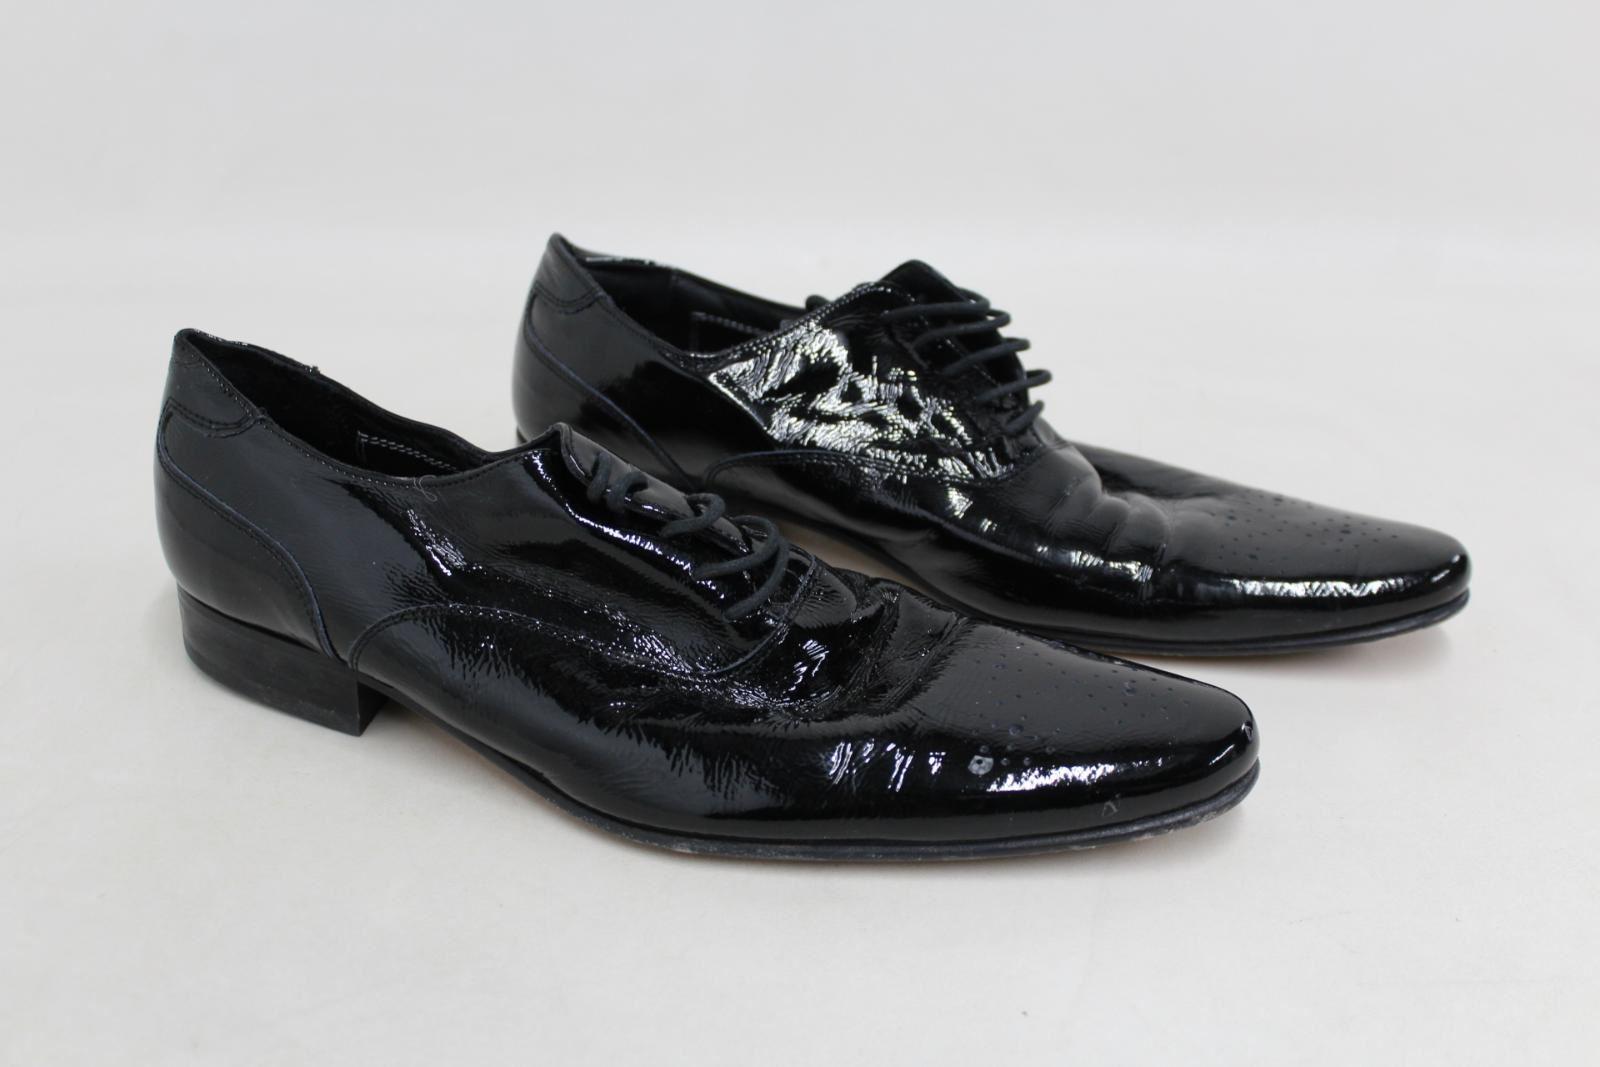 Marks-amp-Spencers-Autograph-de-Jeffery-West-Homme-Noir-Formelle-Chaussures-Taille-UK9-EU43